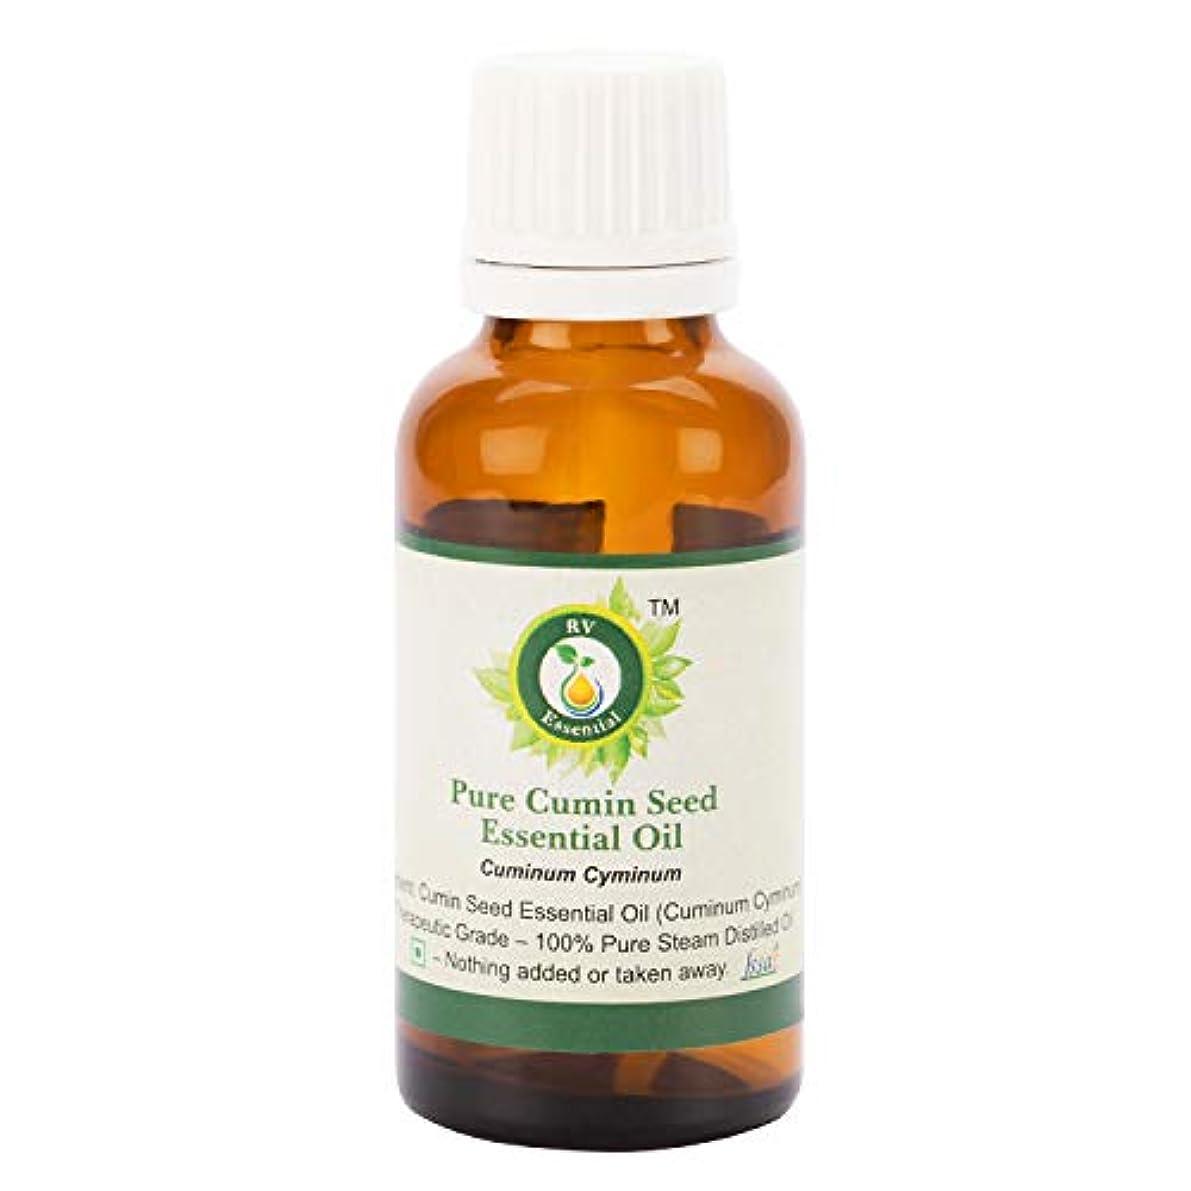 キャビンレギュラー悩むピュアクミンシードエッセンシャルオイル5ml (0.169oz)- Cuminum Cyminum (100%純粋&天然スチームDistilled) Pure Cumin Seed Essential Oil